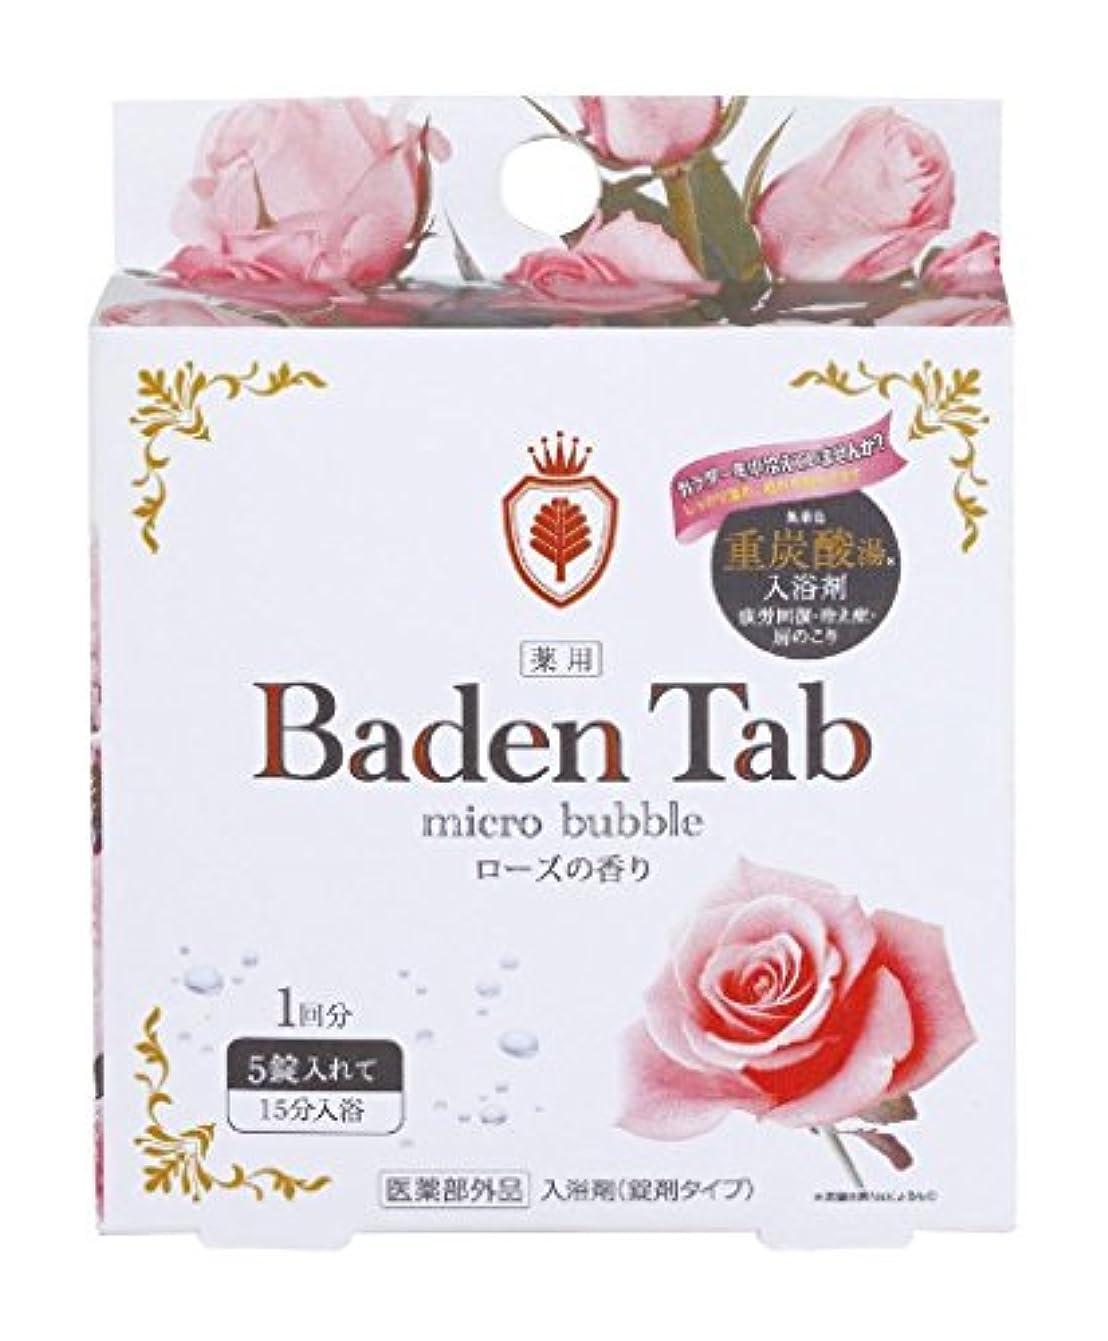 賄賂一回ご飯日本製 japan BT-8704 薬用 Baden Tab(ローズの香り) 5錠×1パック 【まとめ買い12個セット】